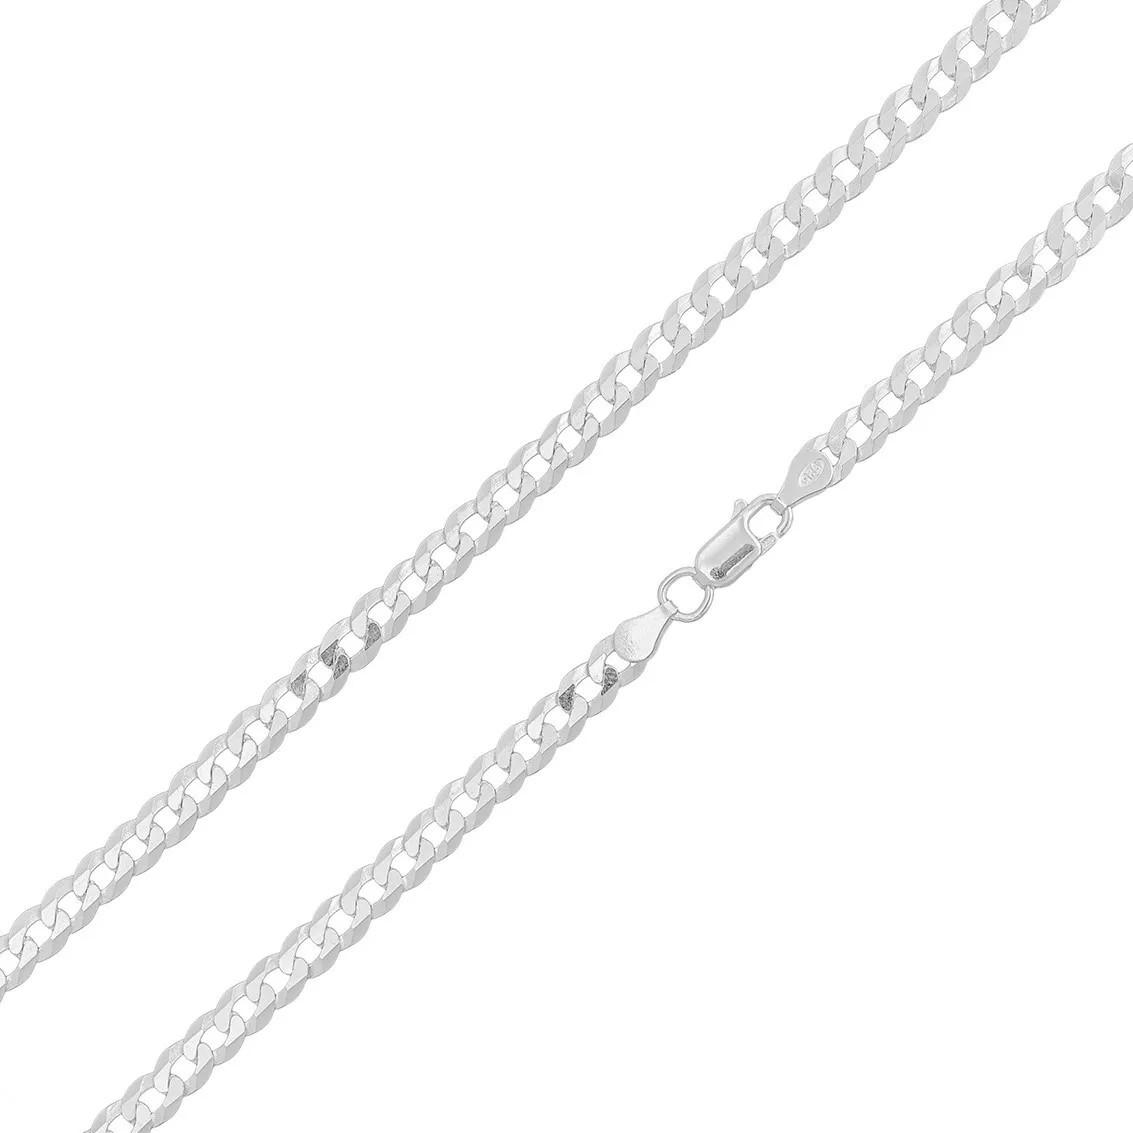 Corrente Cordão Grumet 3mm X 80cm De Prata 925